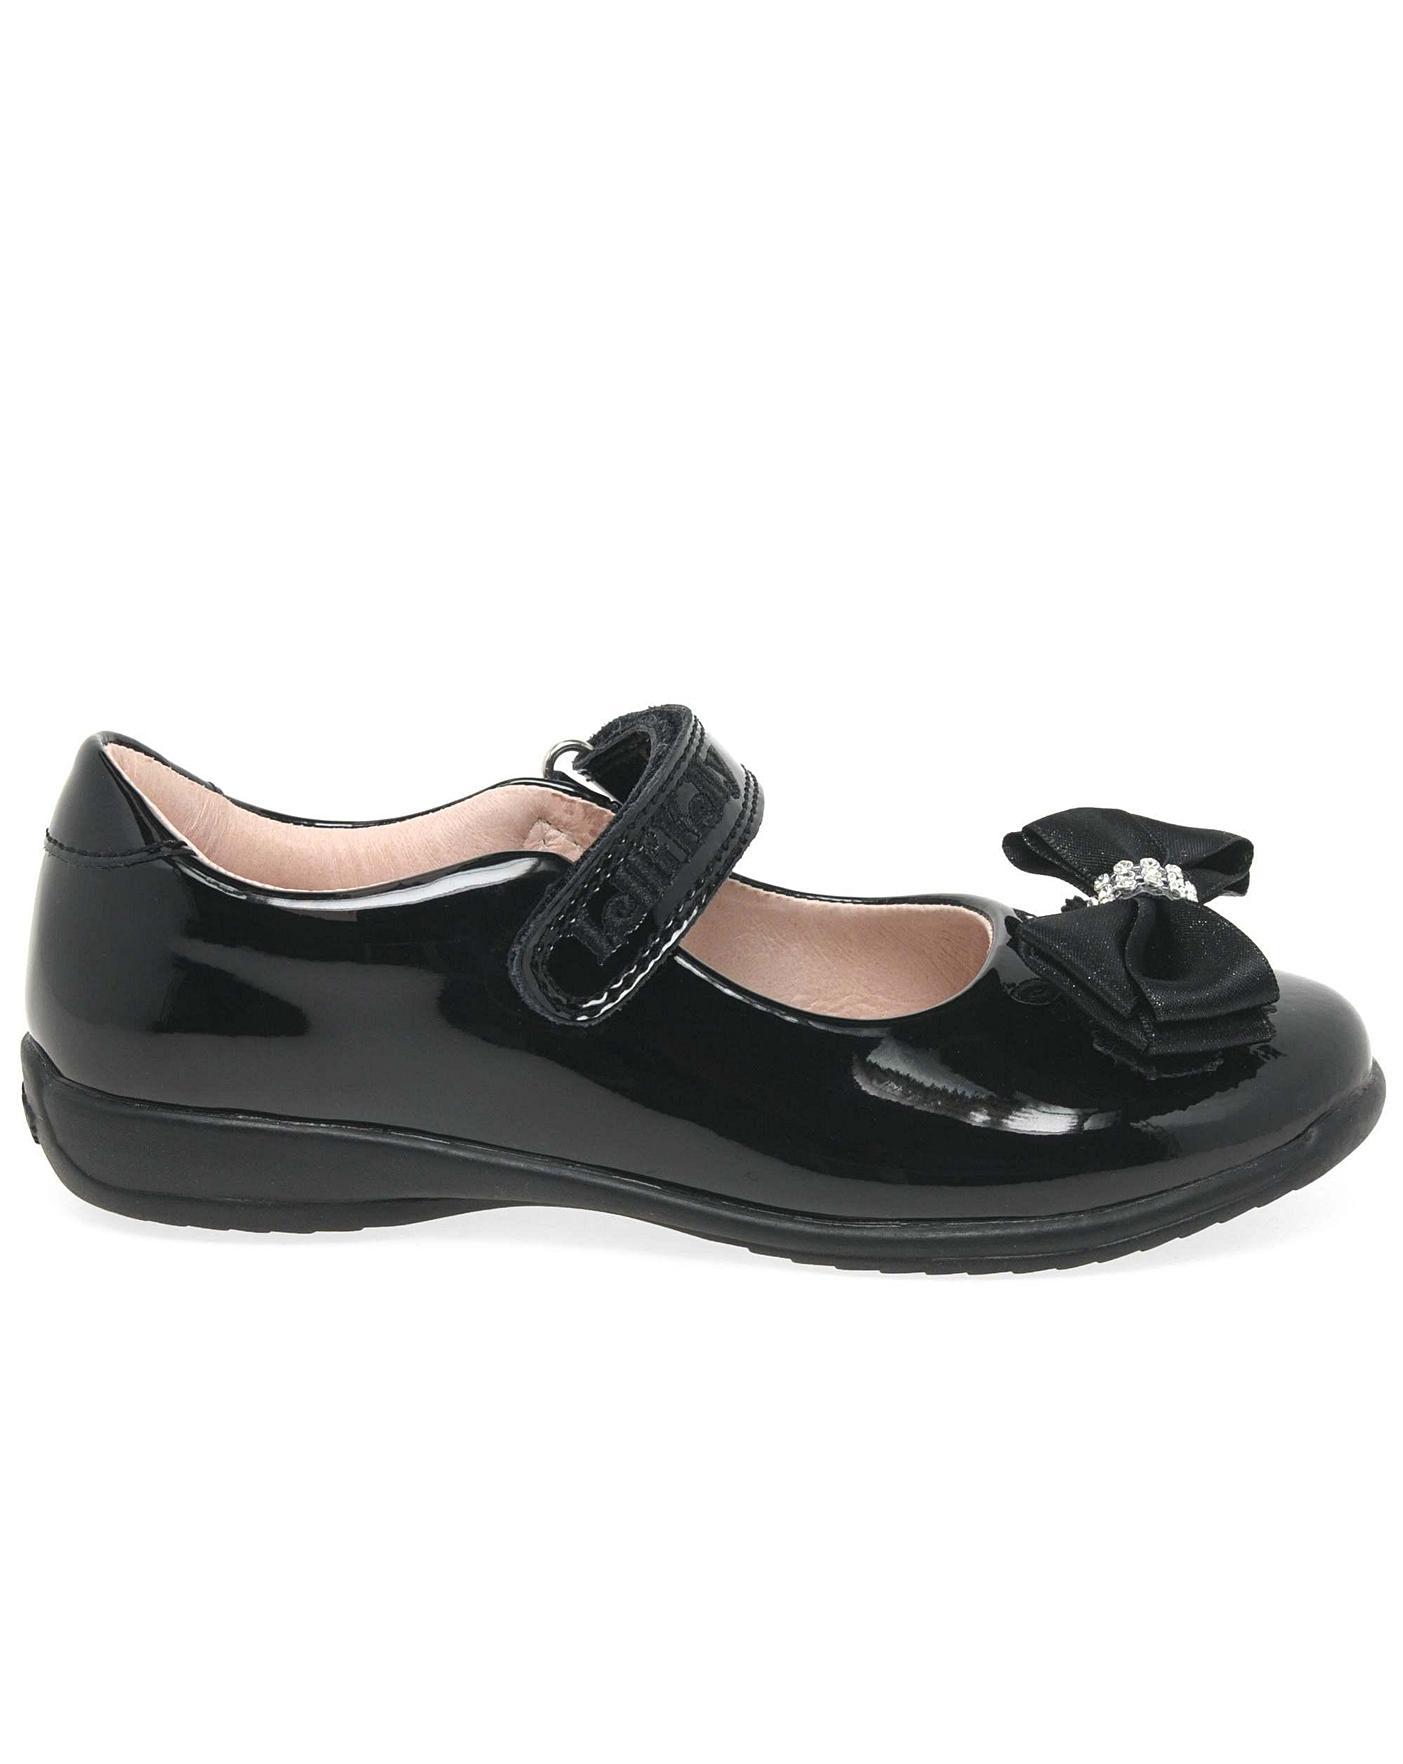 Lelli Kelly Zoe F Fit Infant Shoes | J